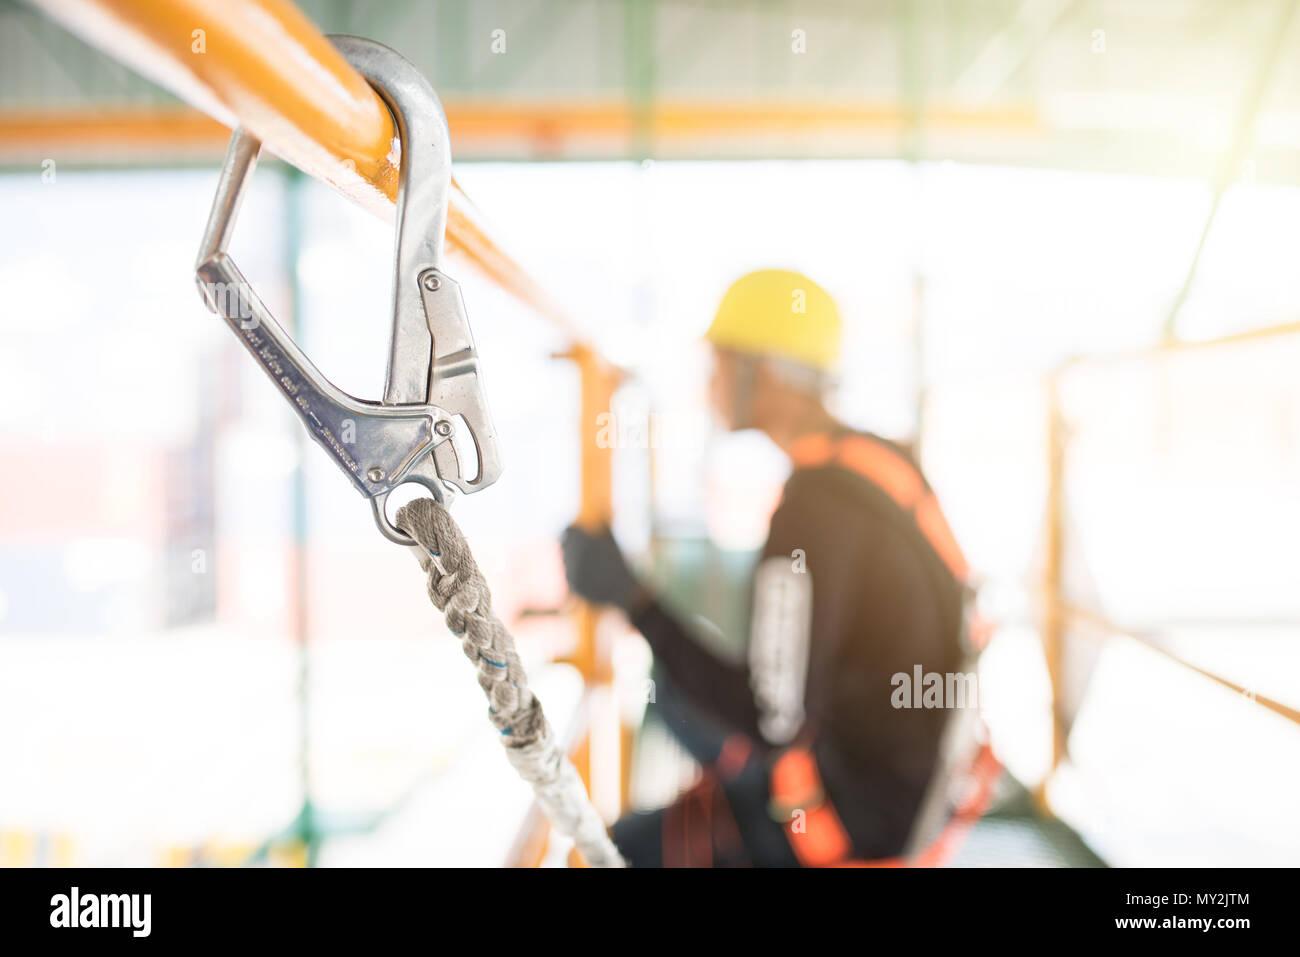 Operaio industriale con sicurezza equipaggiamento protettivo loop appesi al bar di fianco, il concetto di sicurezza Immagini Stock